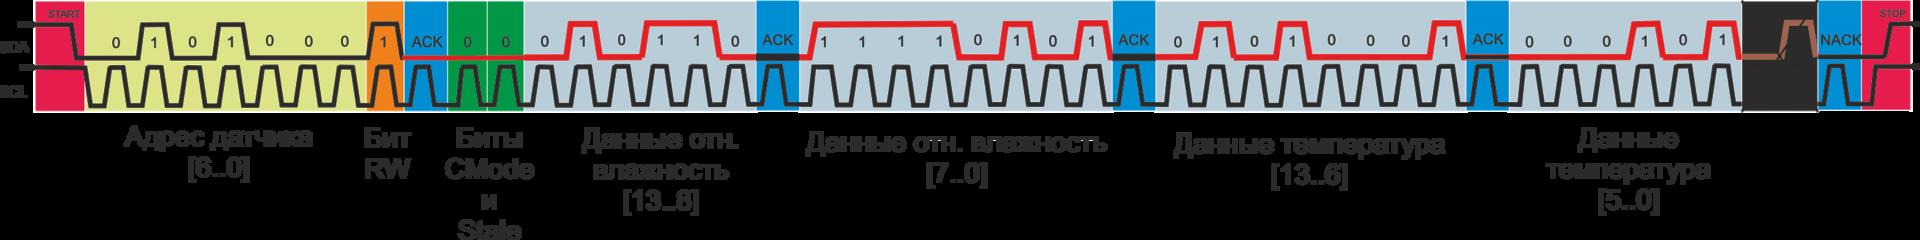 Ответственный подход к измерению относительной влажности - 16